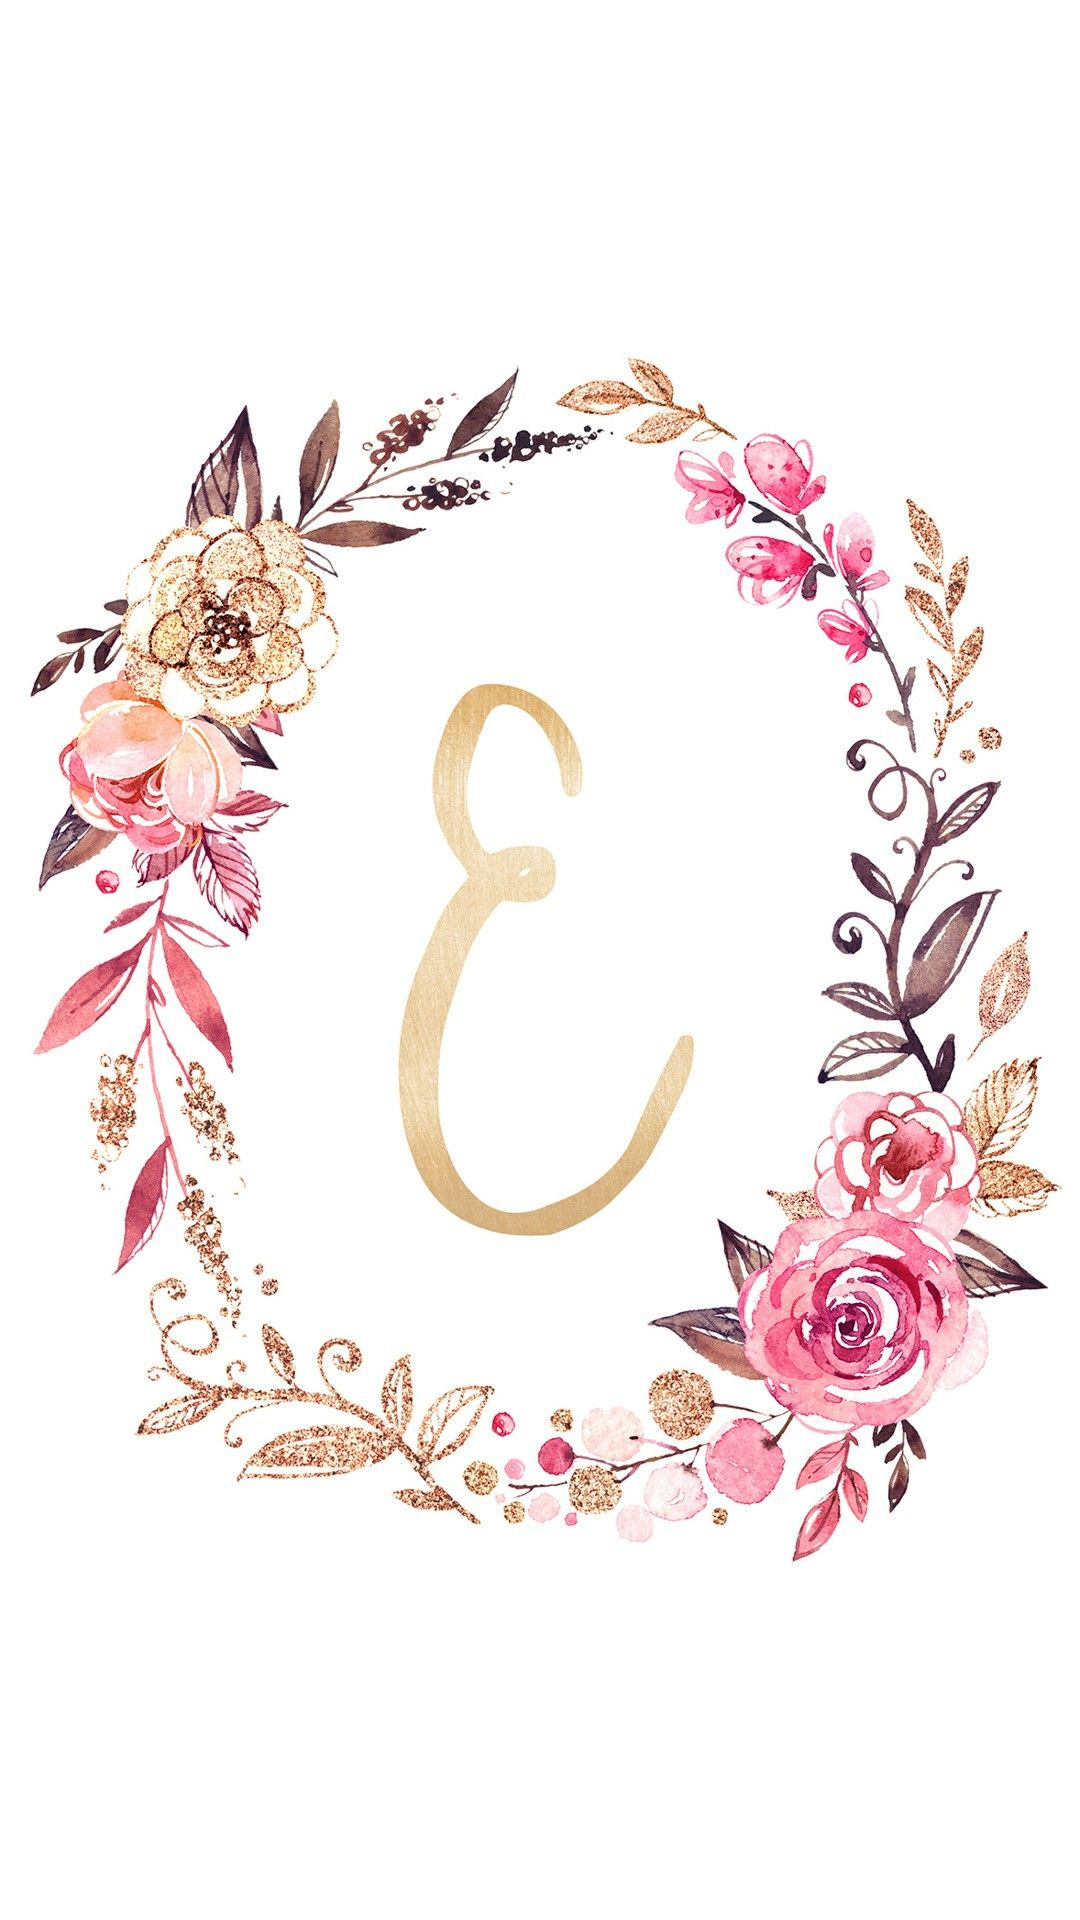 Monogram Letter E Cicekli Desenler Harfleme Monogram